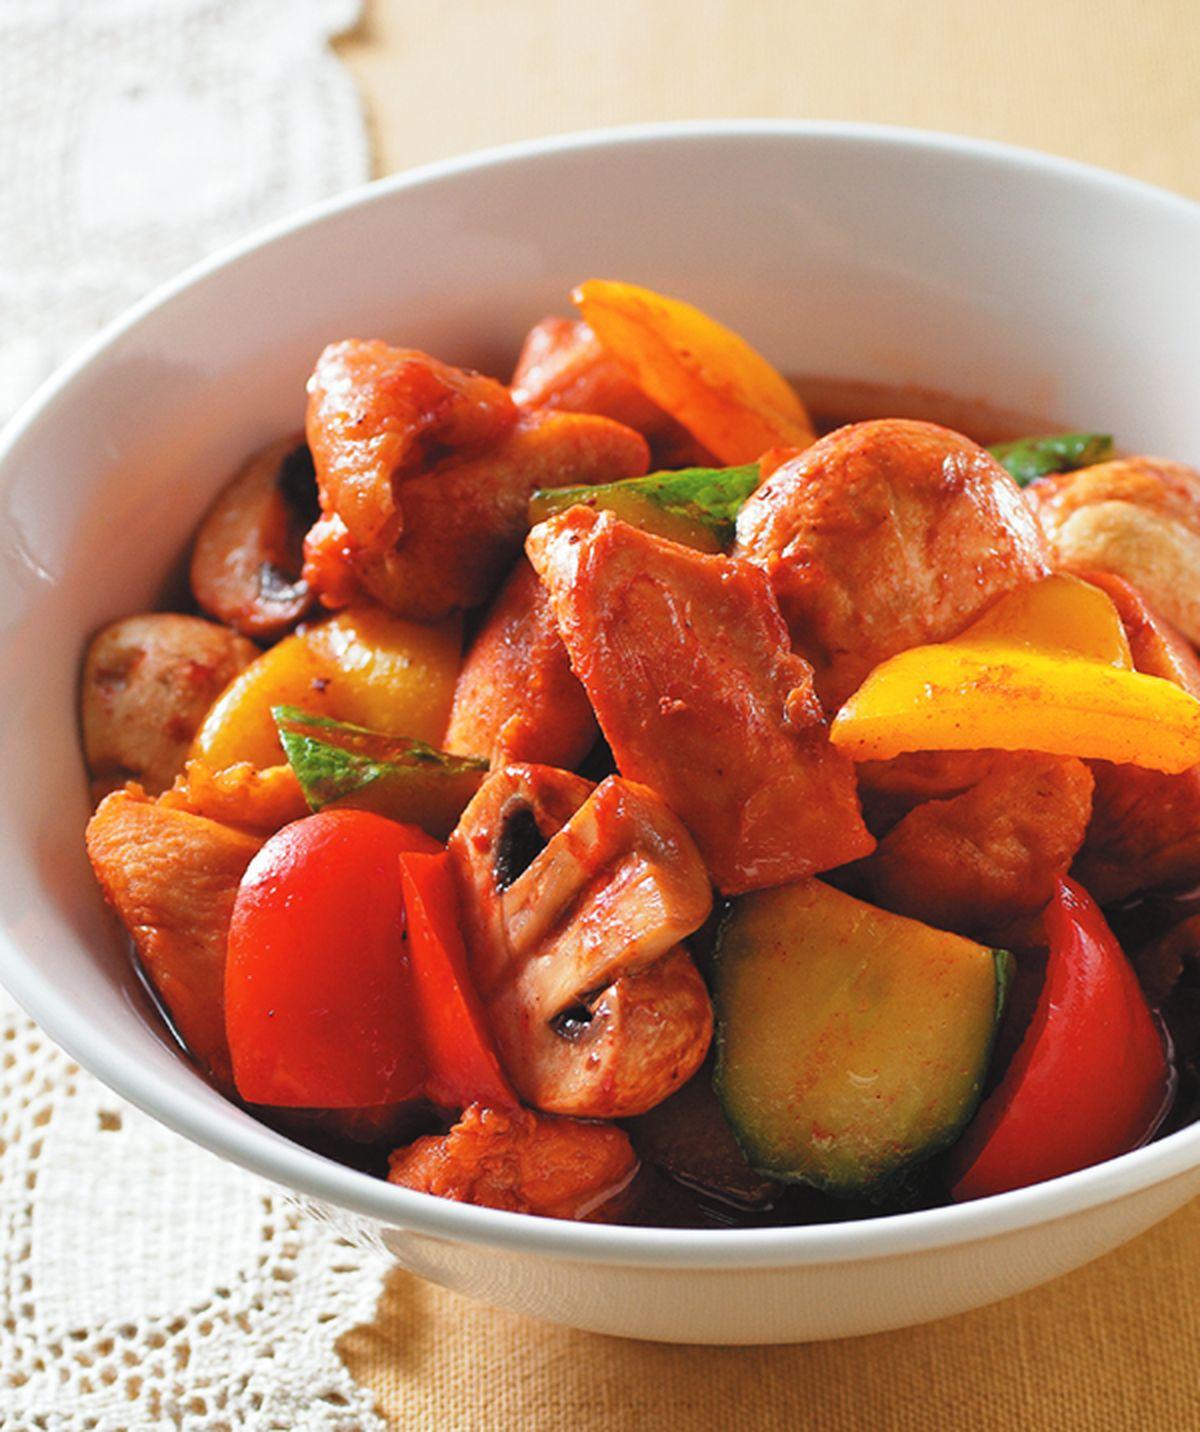 食譜:紅趜滷雞肉